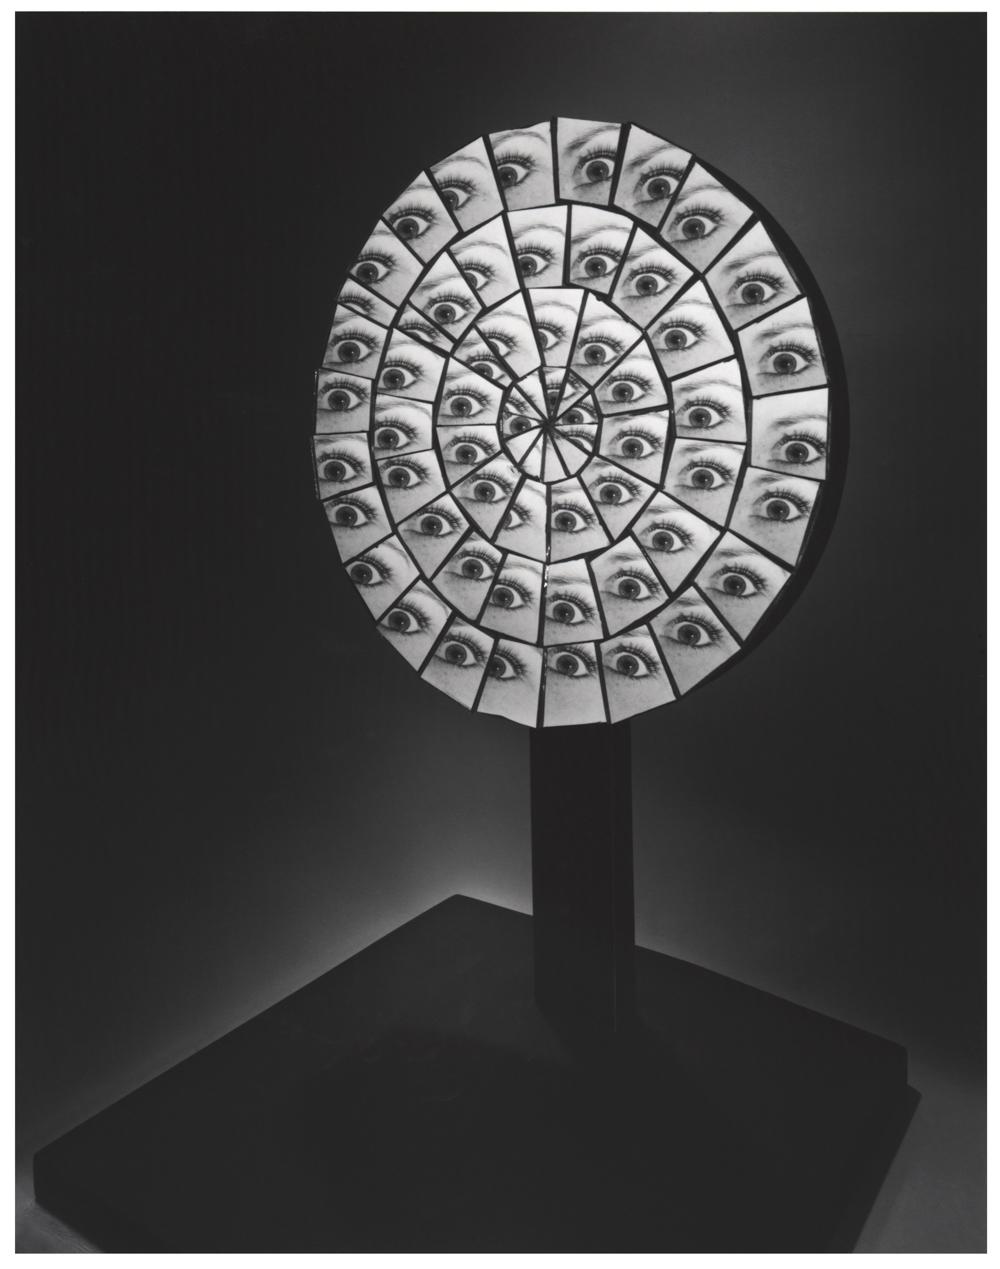 BERENICE ABBOTT Parabolic Mirror, 1958-1961/1973